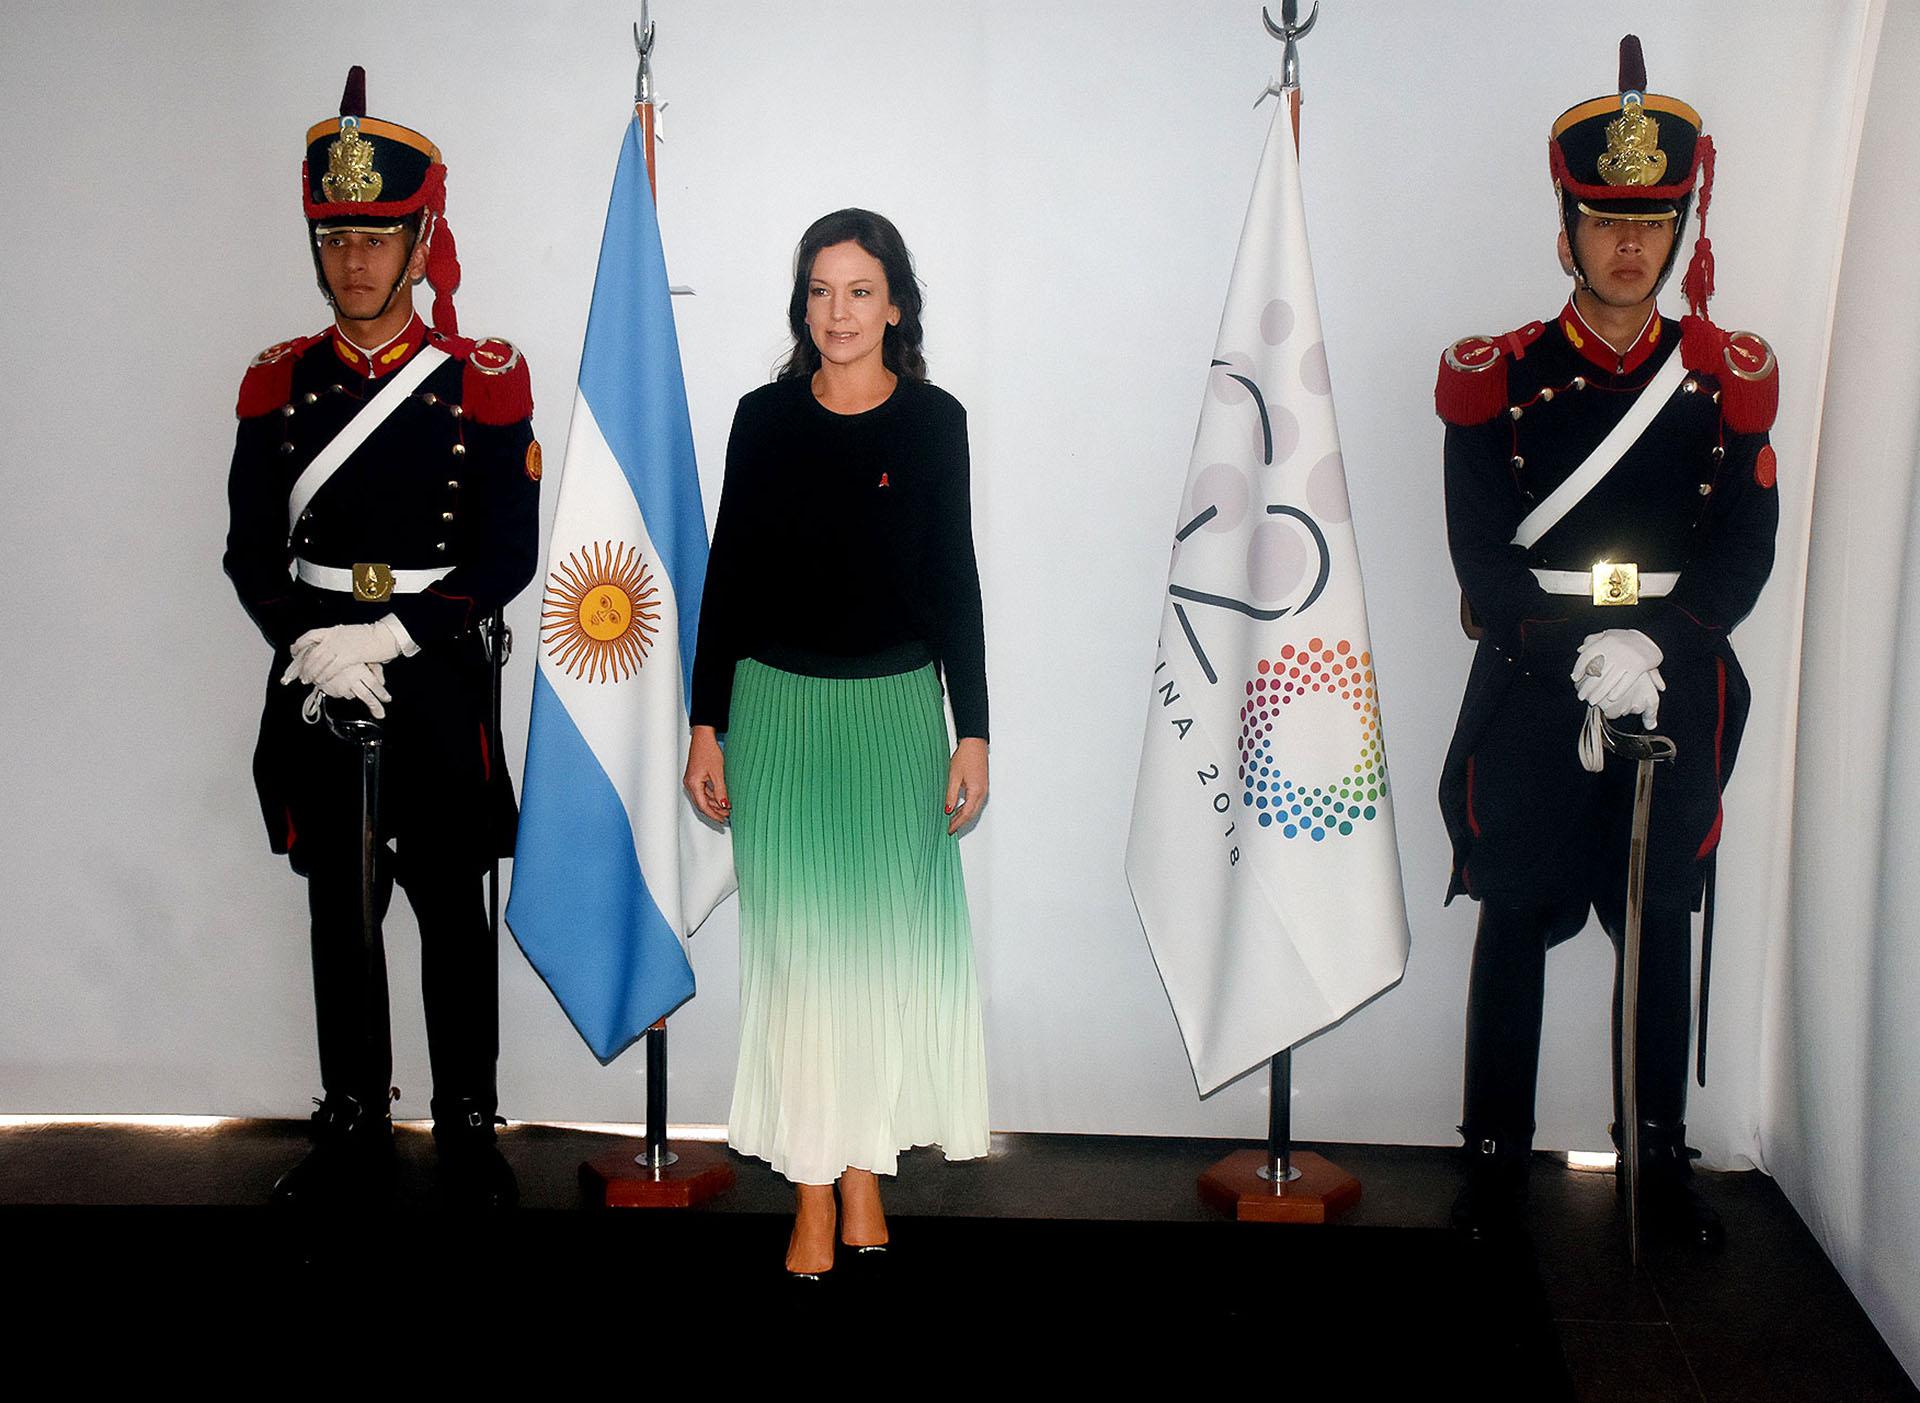 La ministra de Desarrollo Social Carolina Stanley participó del encuentro de mujeres en el Malba y eligió un conjunto de dos piezas. Una falda plisada en degradé de verde pastel combinado con una blusa de mangas largas negra. Completó el look con stilettos acharolados